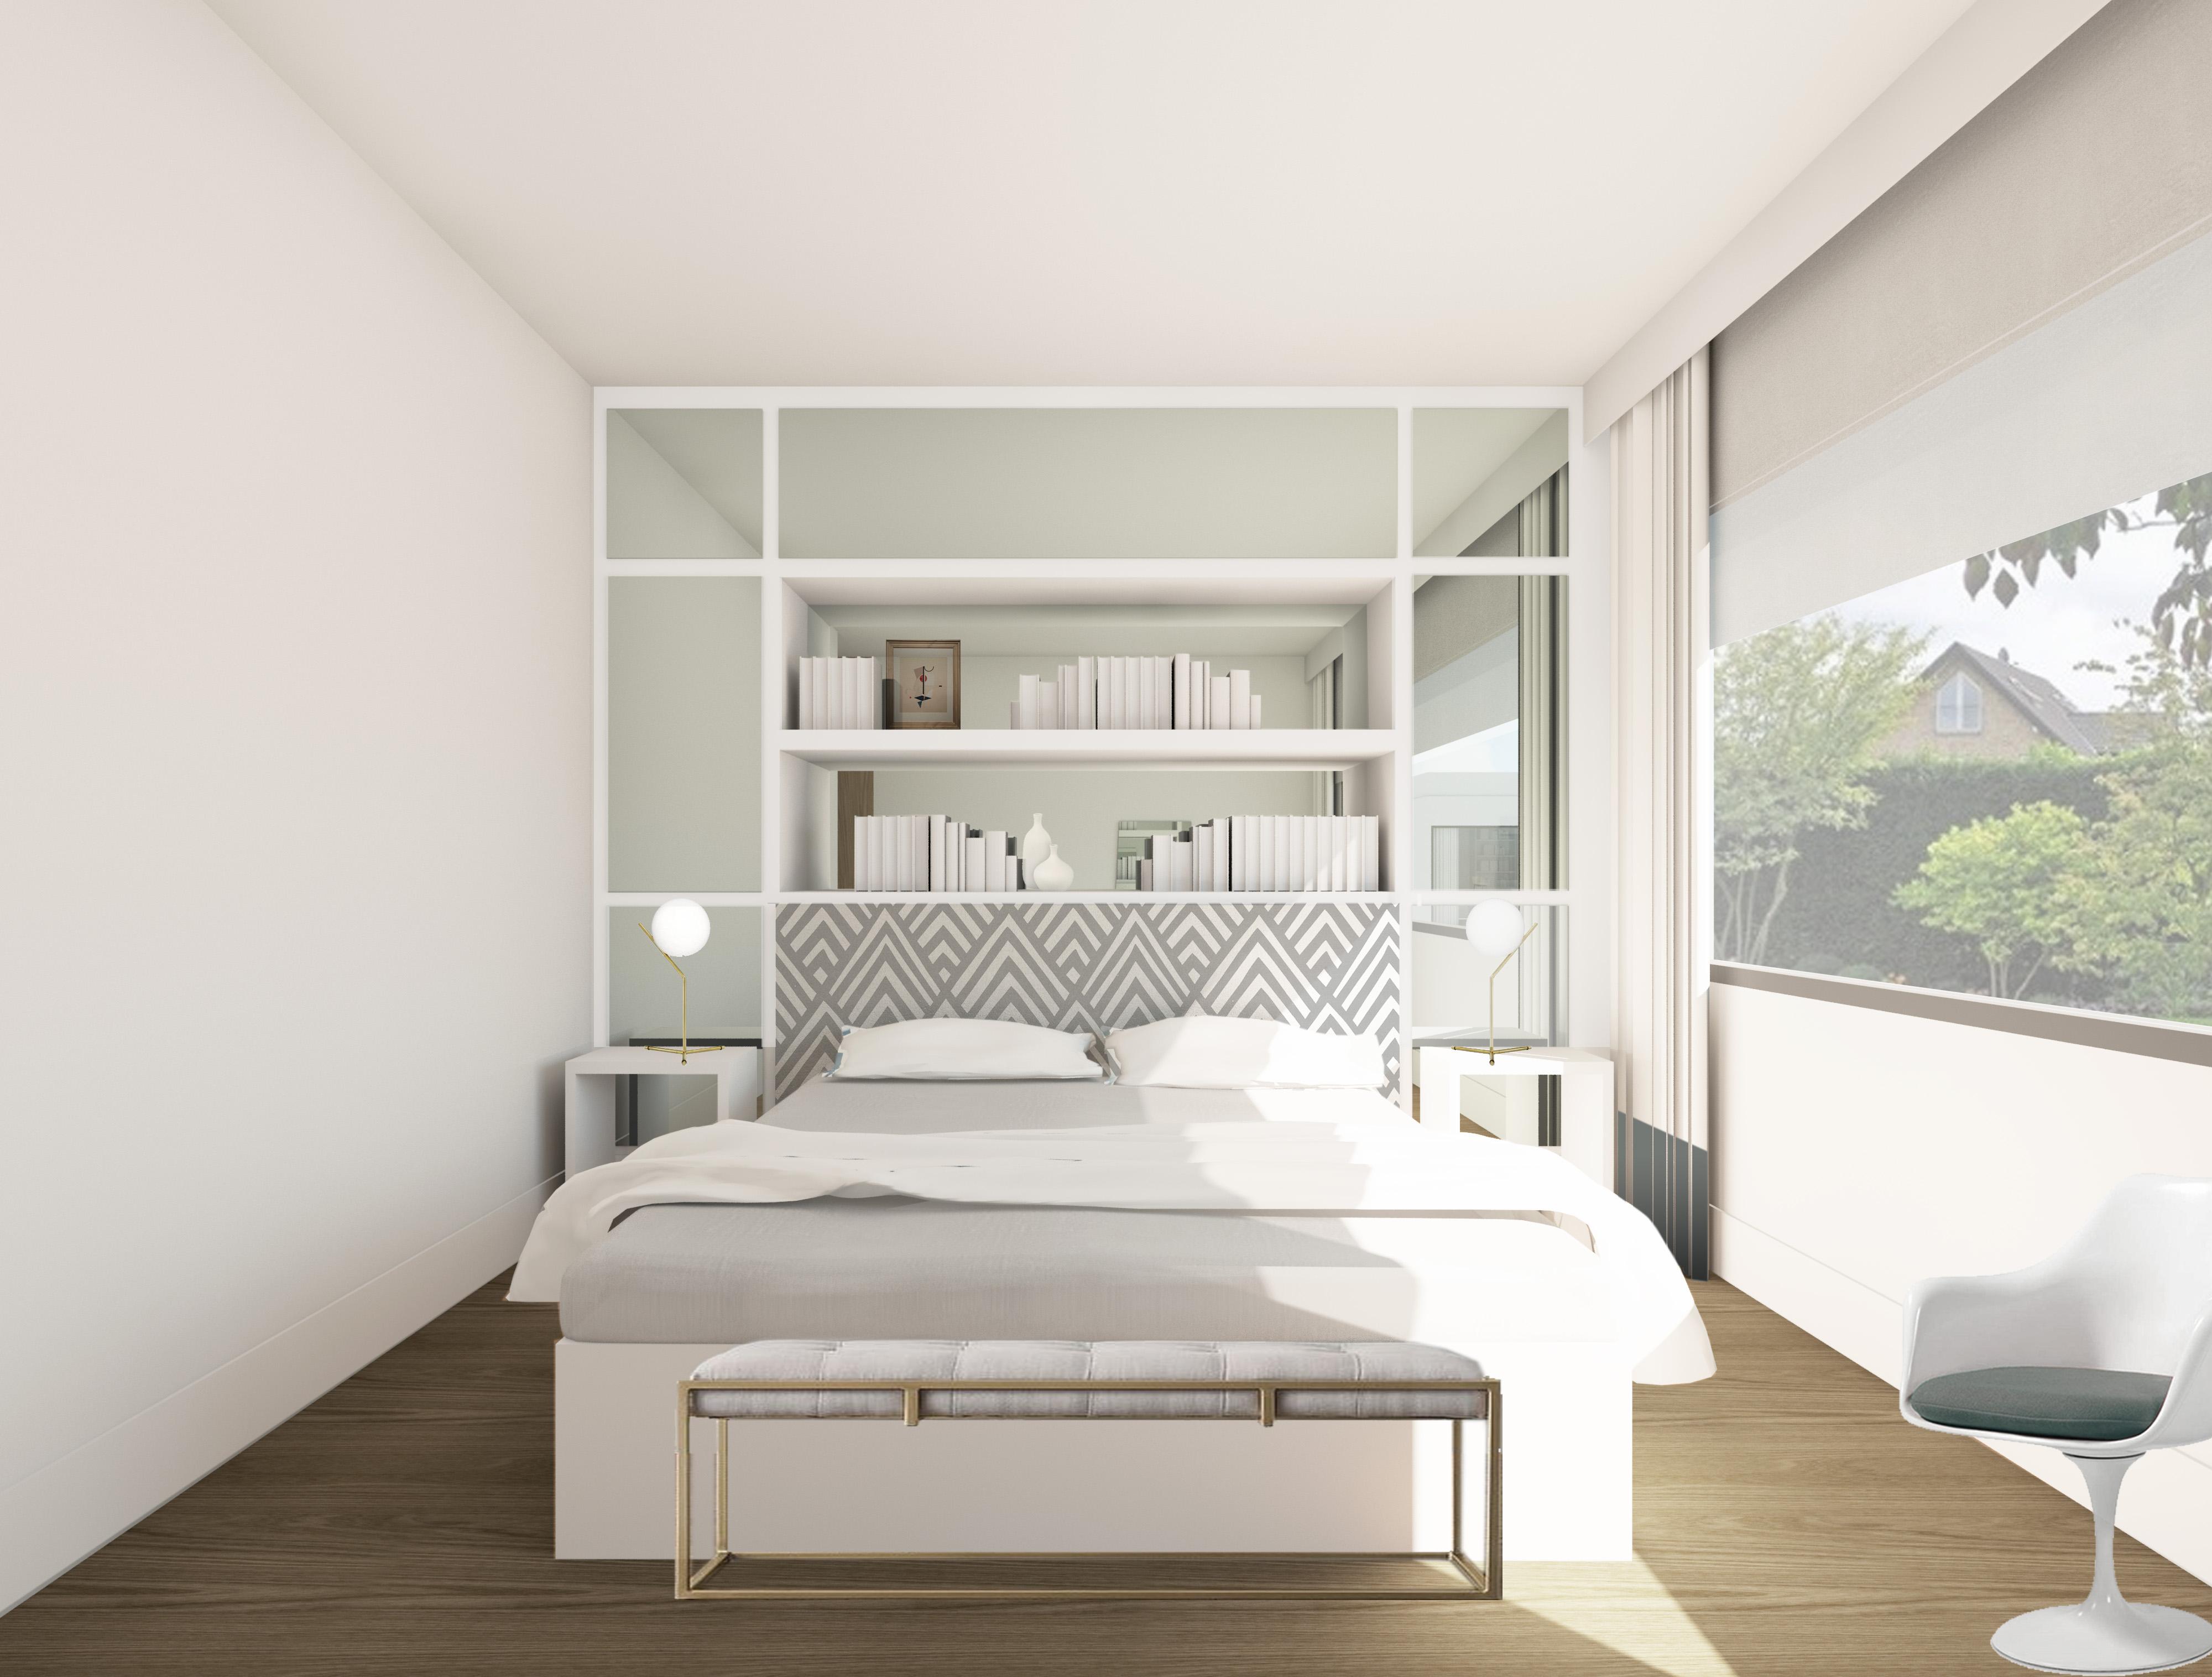 08_Dormitorio ppal